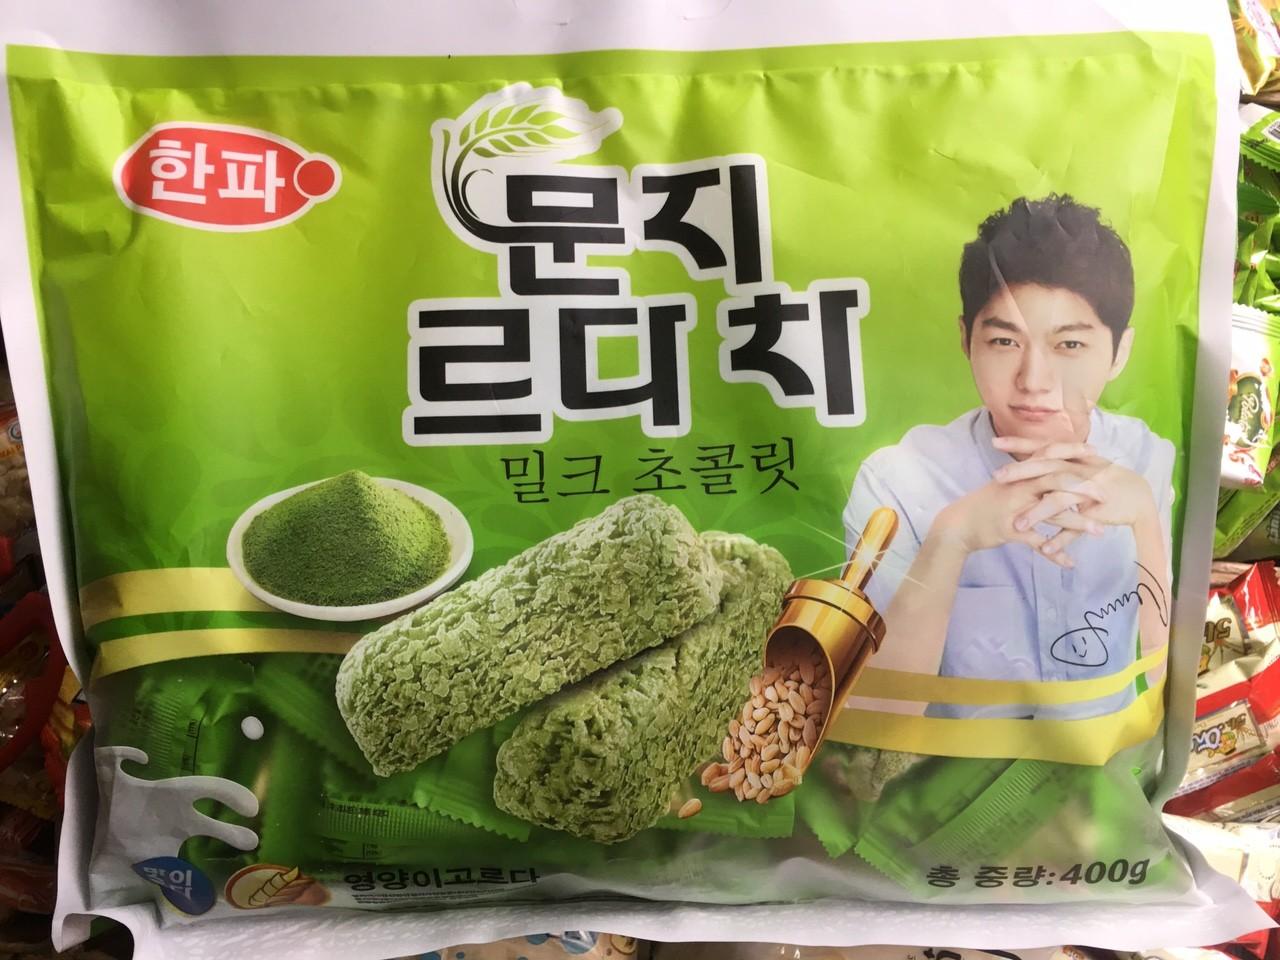 Bánh Yến Mạch Trà Xanh Hàn Quốc 400gr - Ym trà xanh